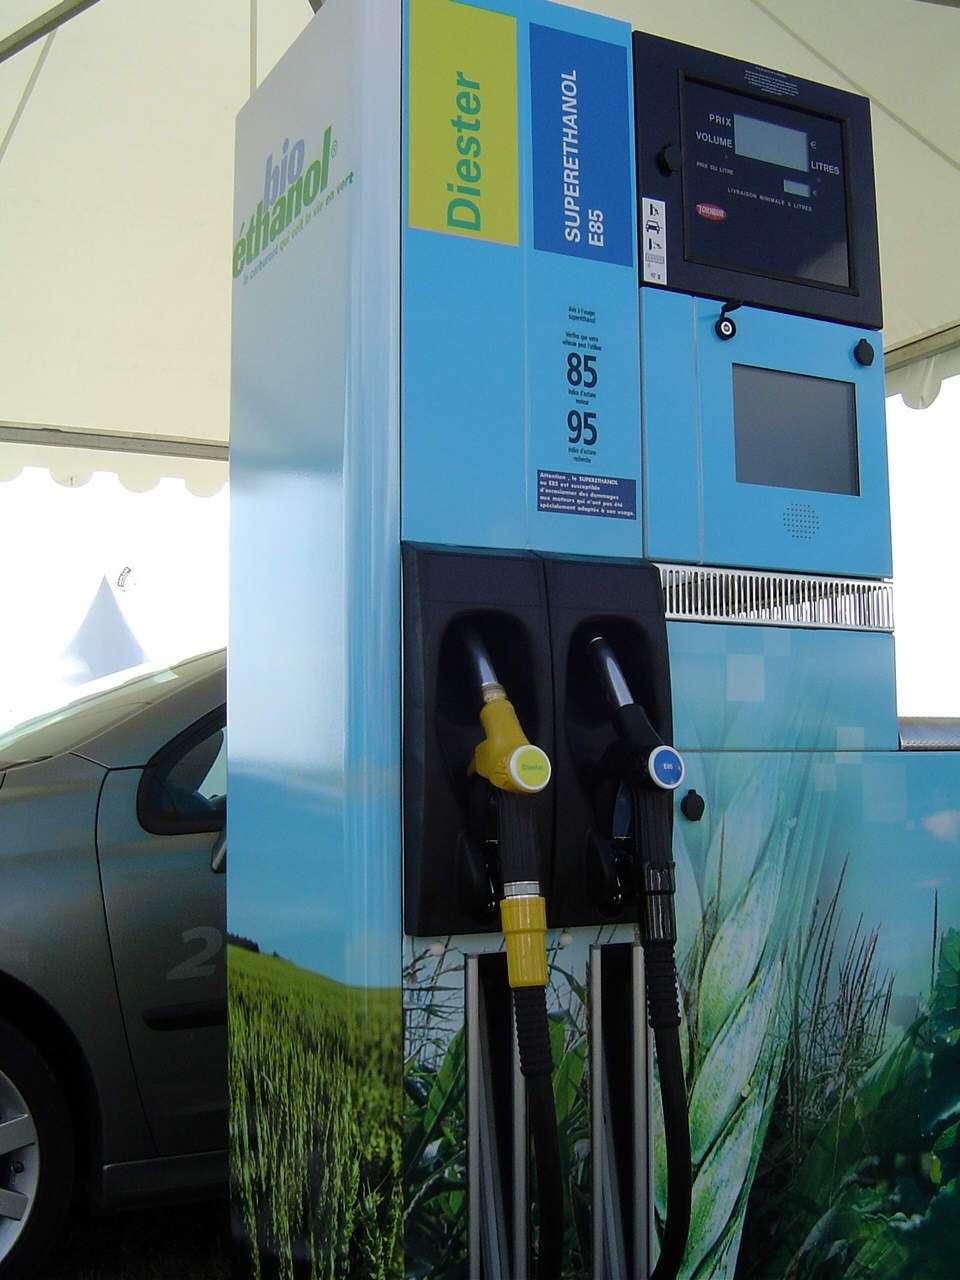 L'Agence européenne pour l'environnement critique vivement les agrocarburants. © Ademe - David reverchon, Flickr, cc by nc sa 2.0